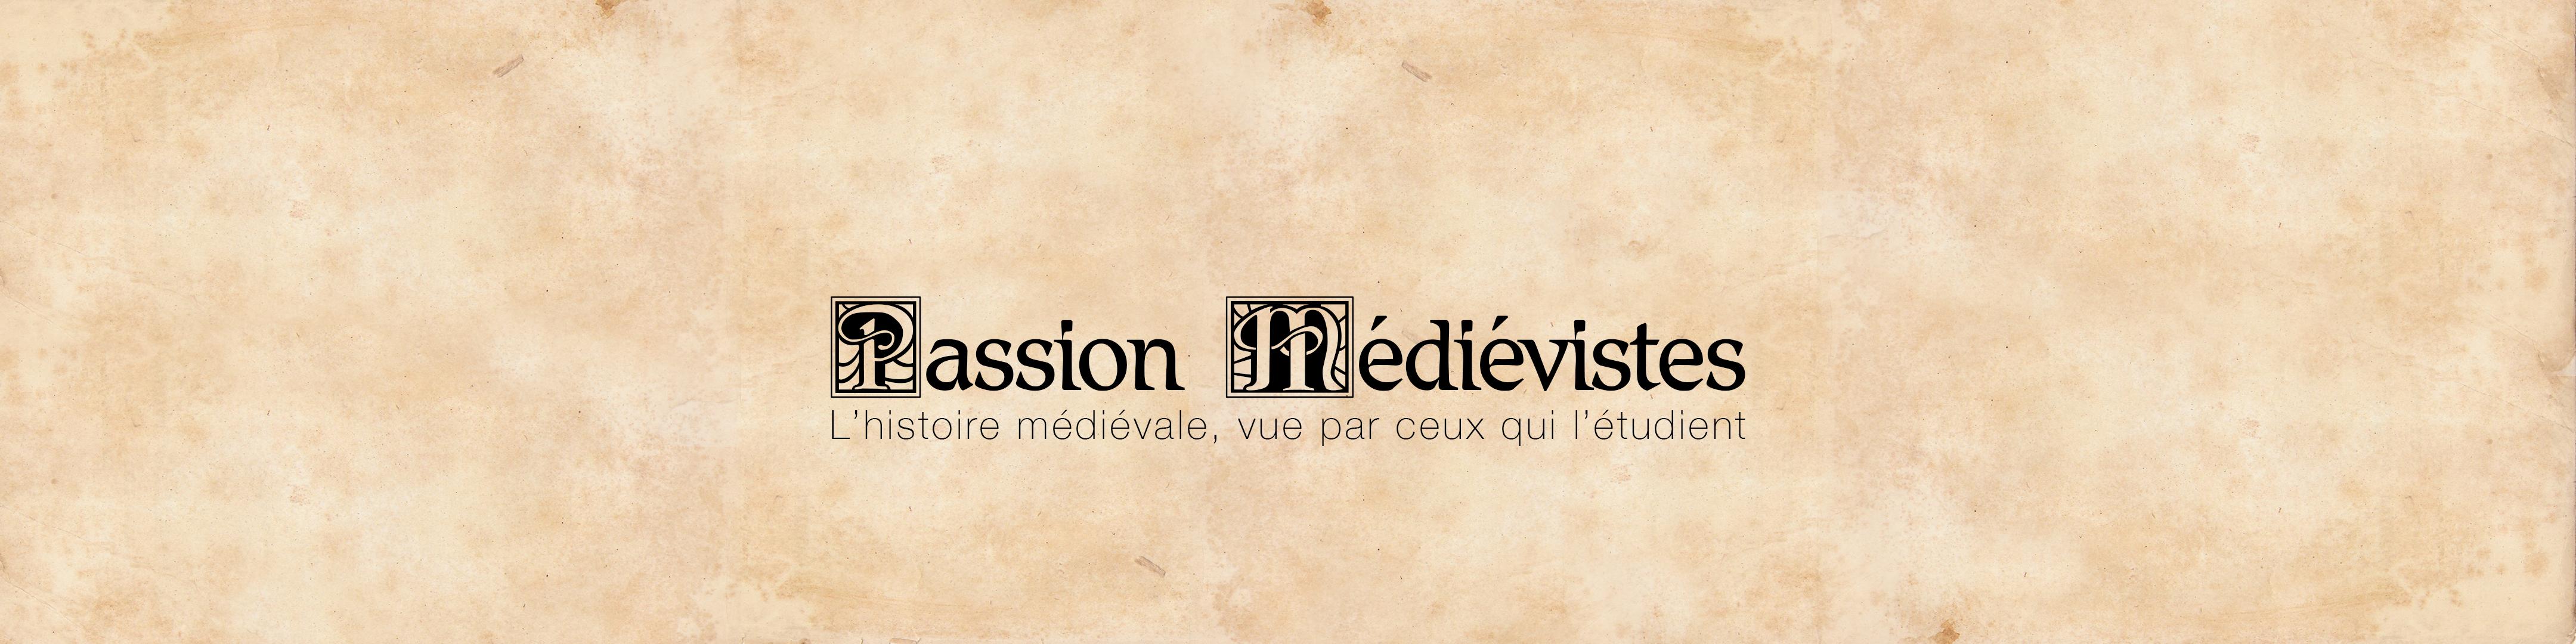 Visuel Passion Médiévistes